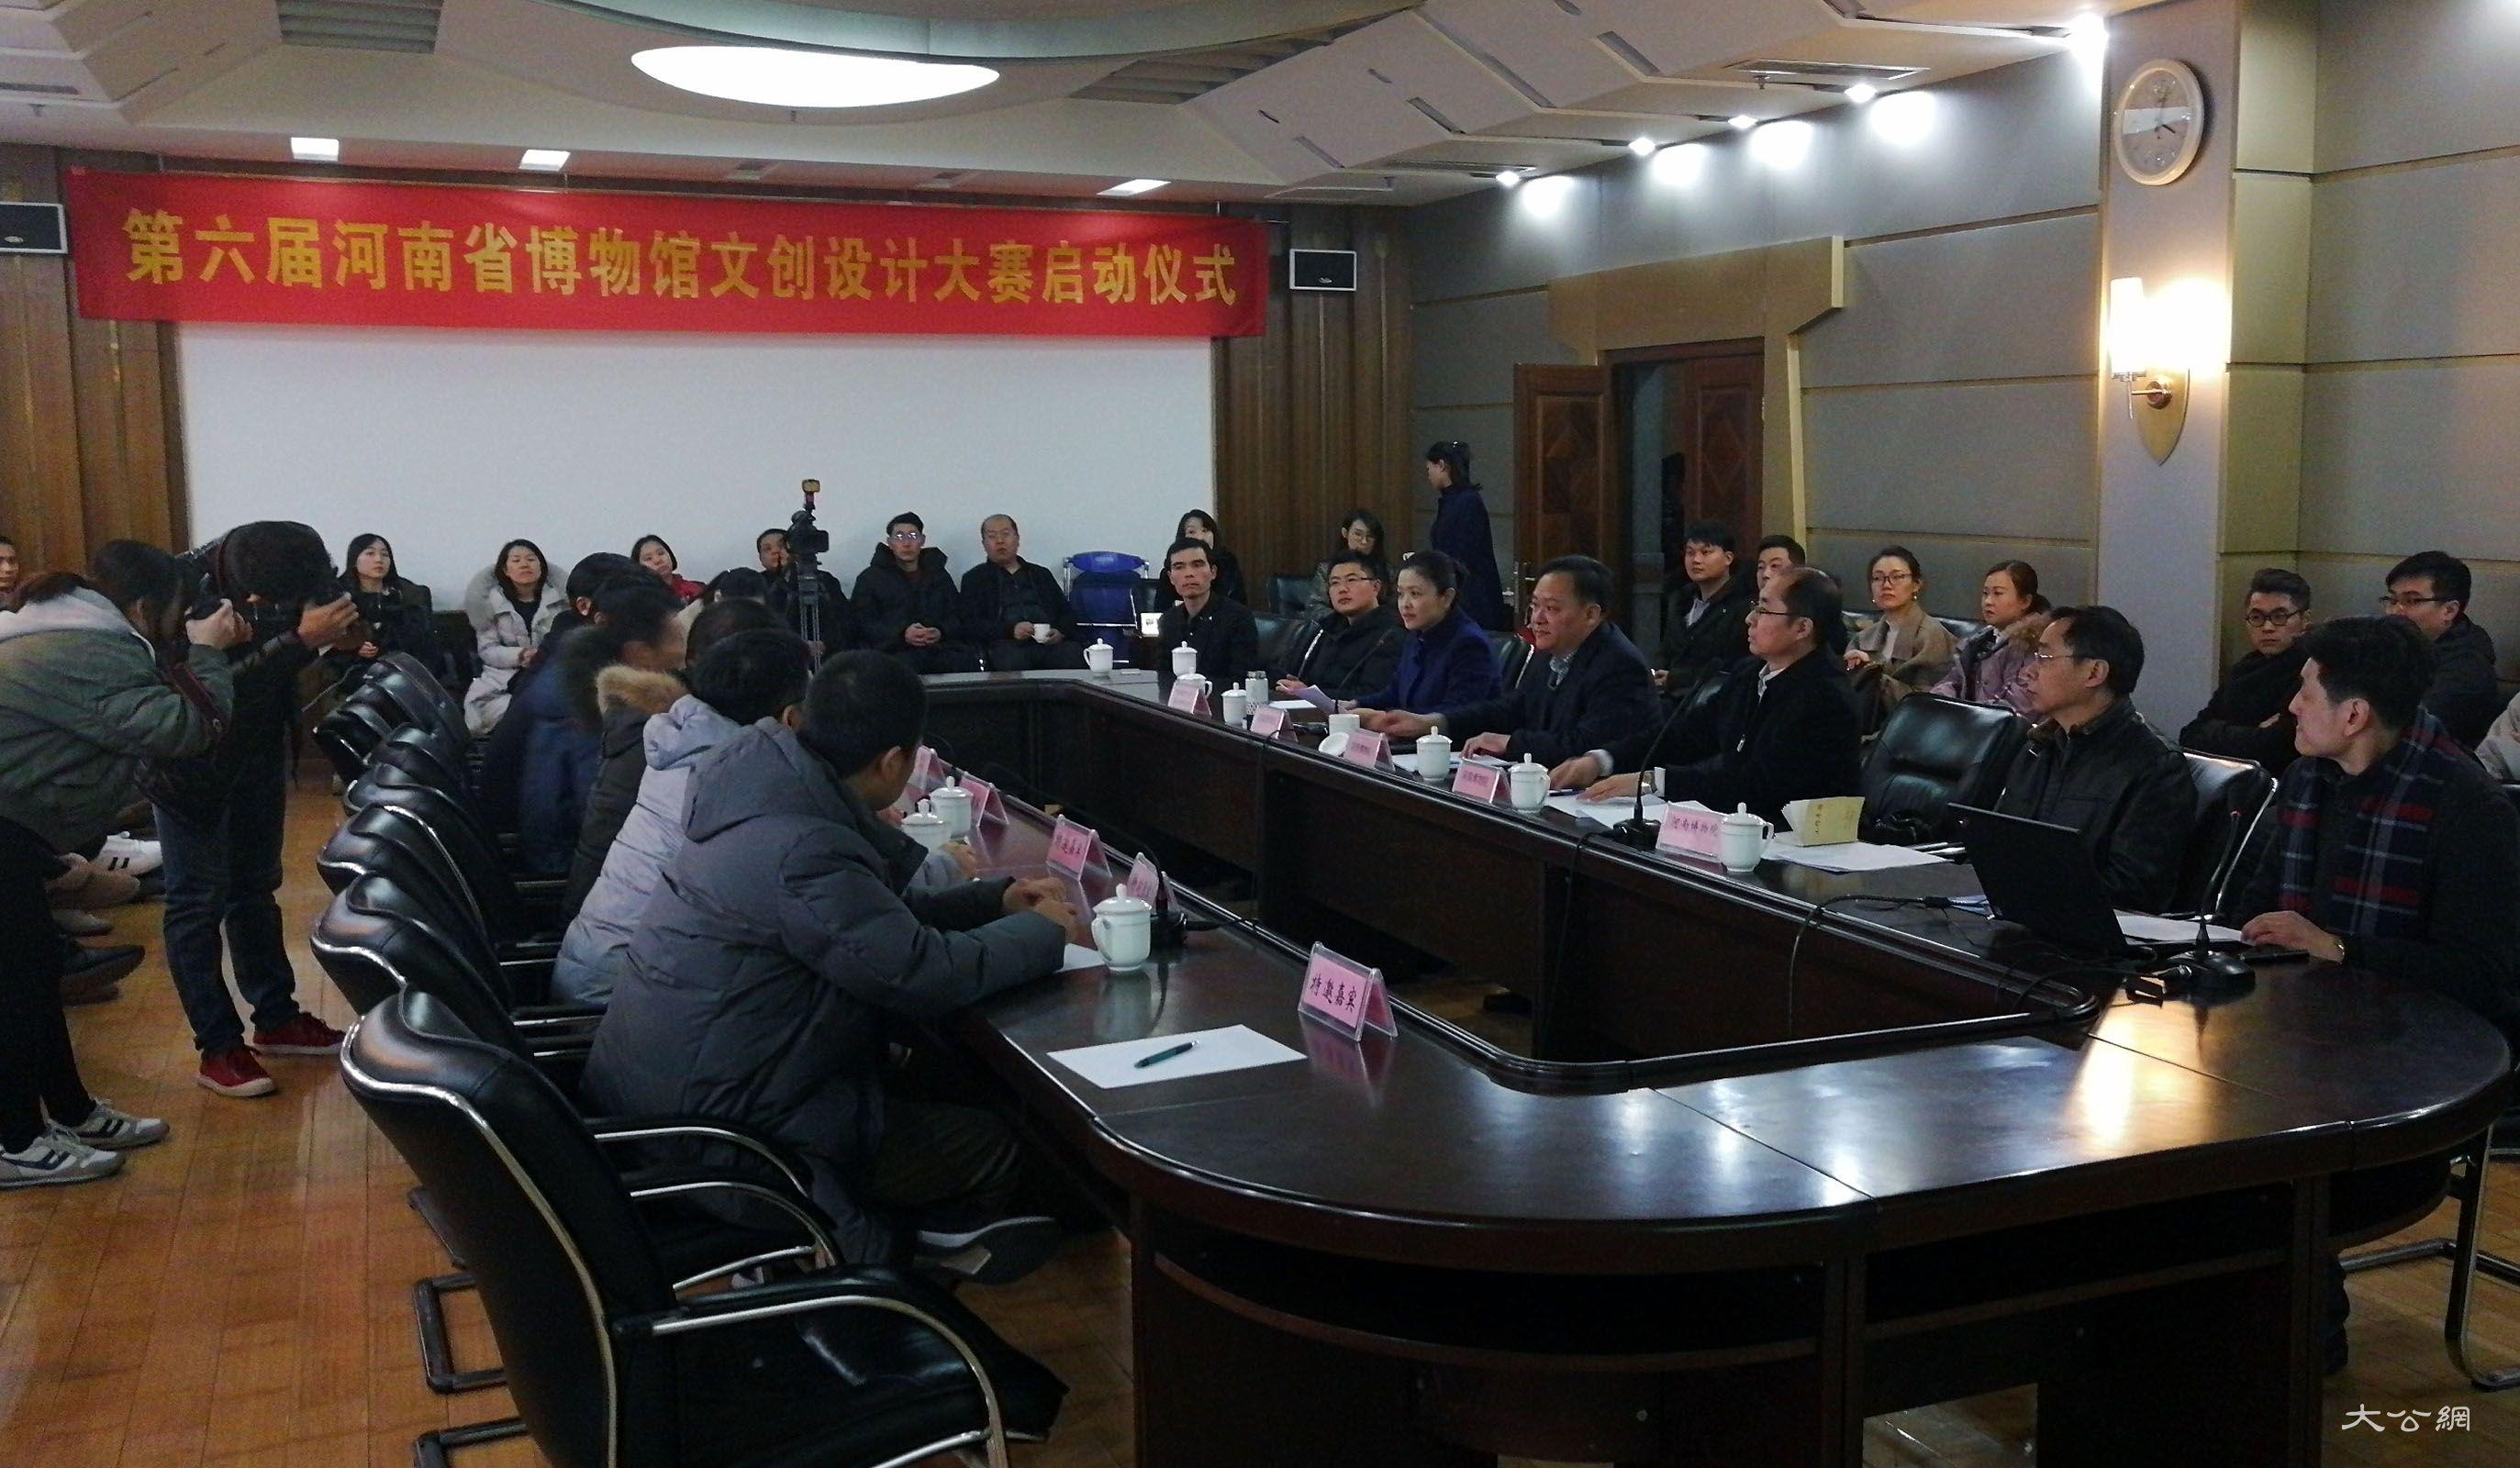 第六屆河南省博物館文化產品創意設計大賽啟動